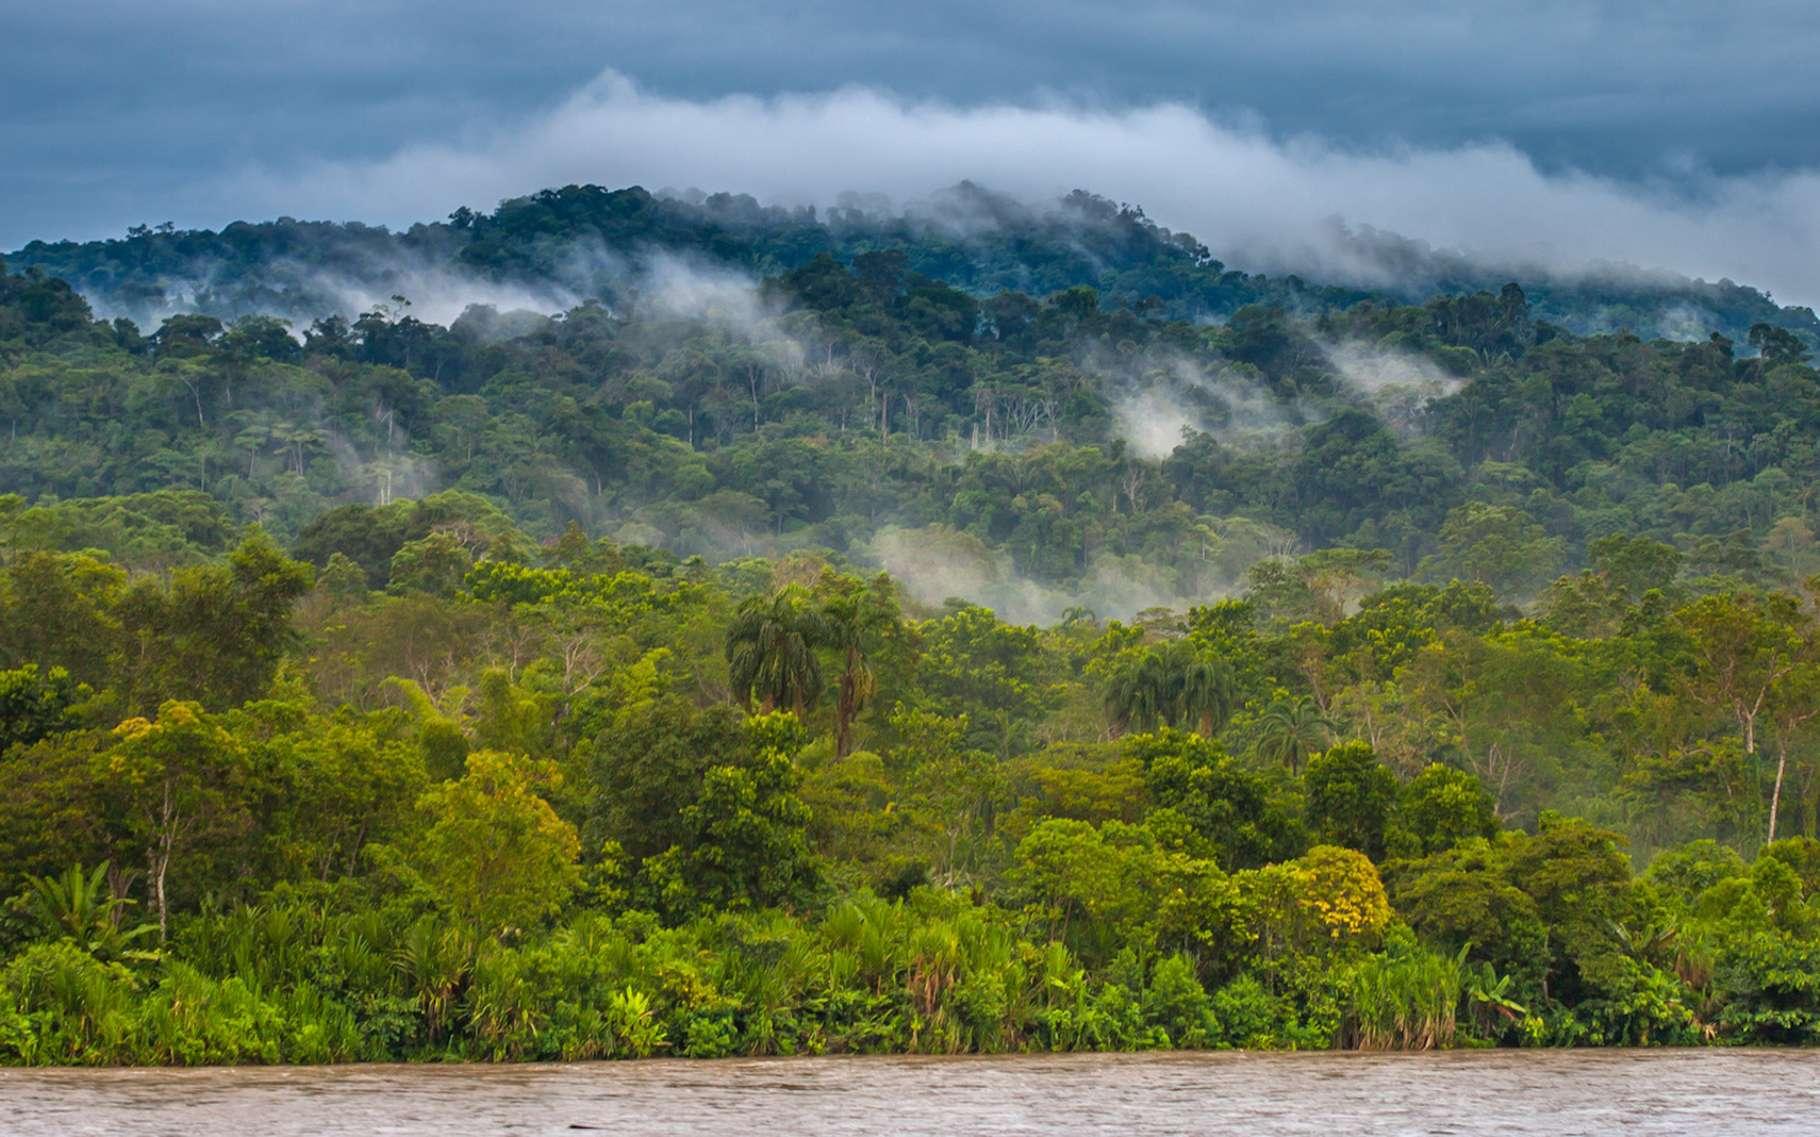 Parmi les sept nouvelles espèces de guêpes découvertes en Amazonie par une équipe de l'université de Turku (Finlande), Clistopyga crassicaudata tire son épingle du jeu. Ou plutôt, son dard. Car celui-ci s'avère extraordinairement long et large. © Grispb, Fotolia